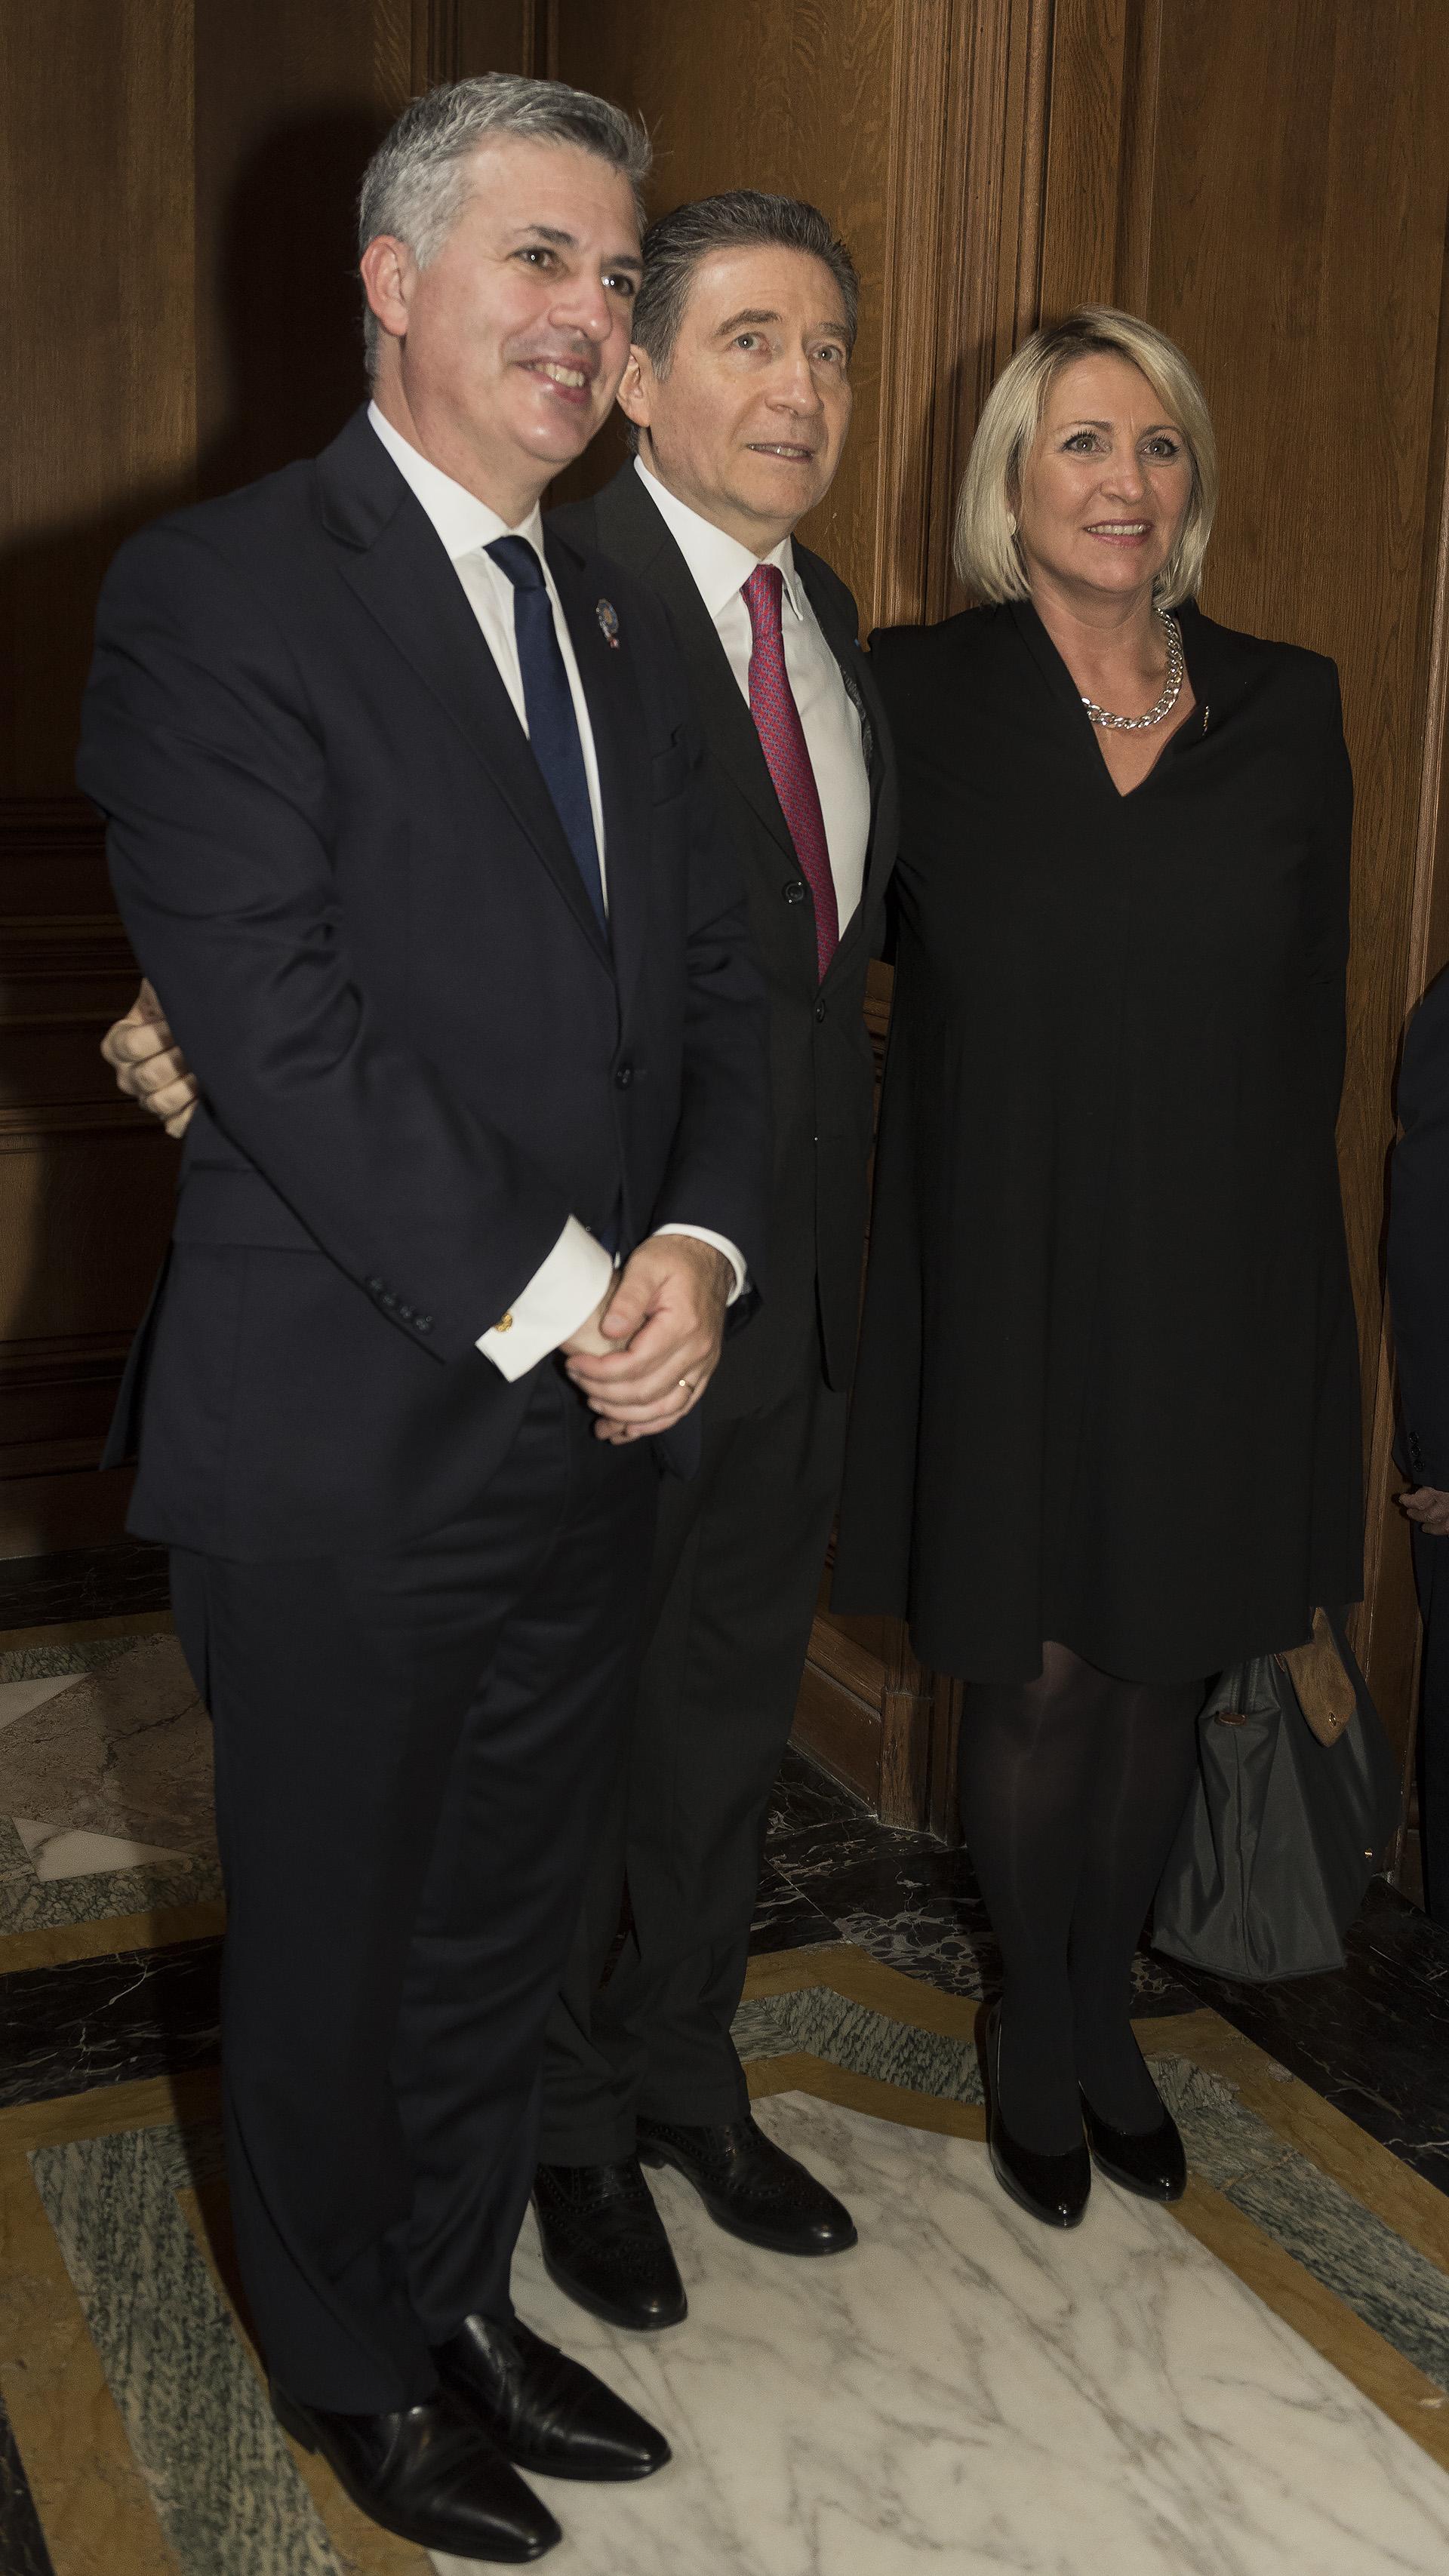 El representante argentino ante la OCDE, Marcelo Scaglione, y su mujer Paula